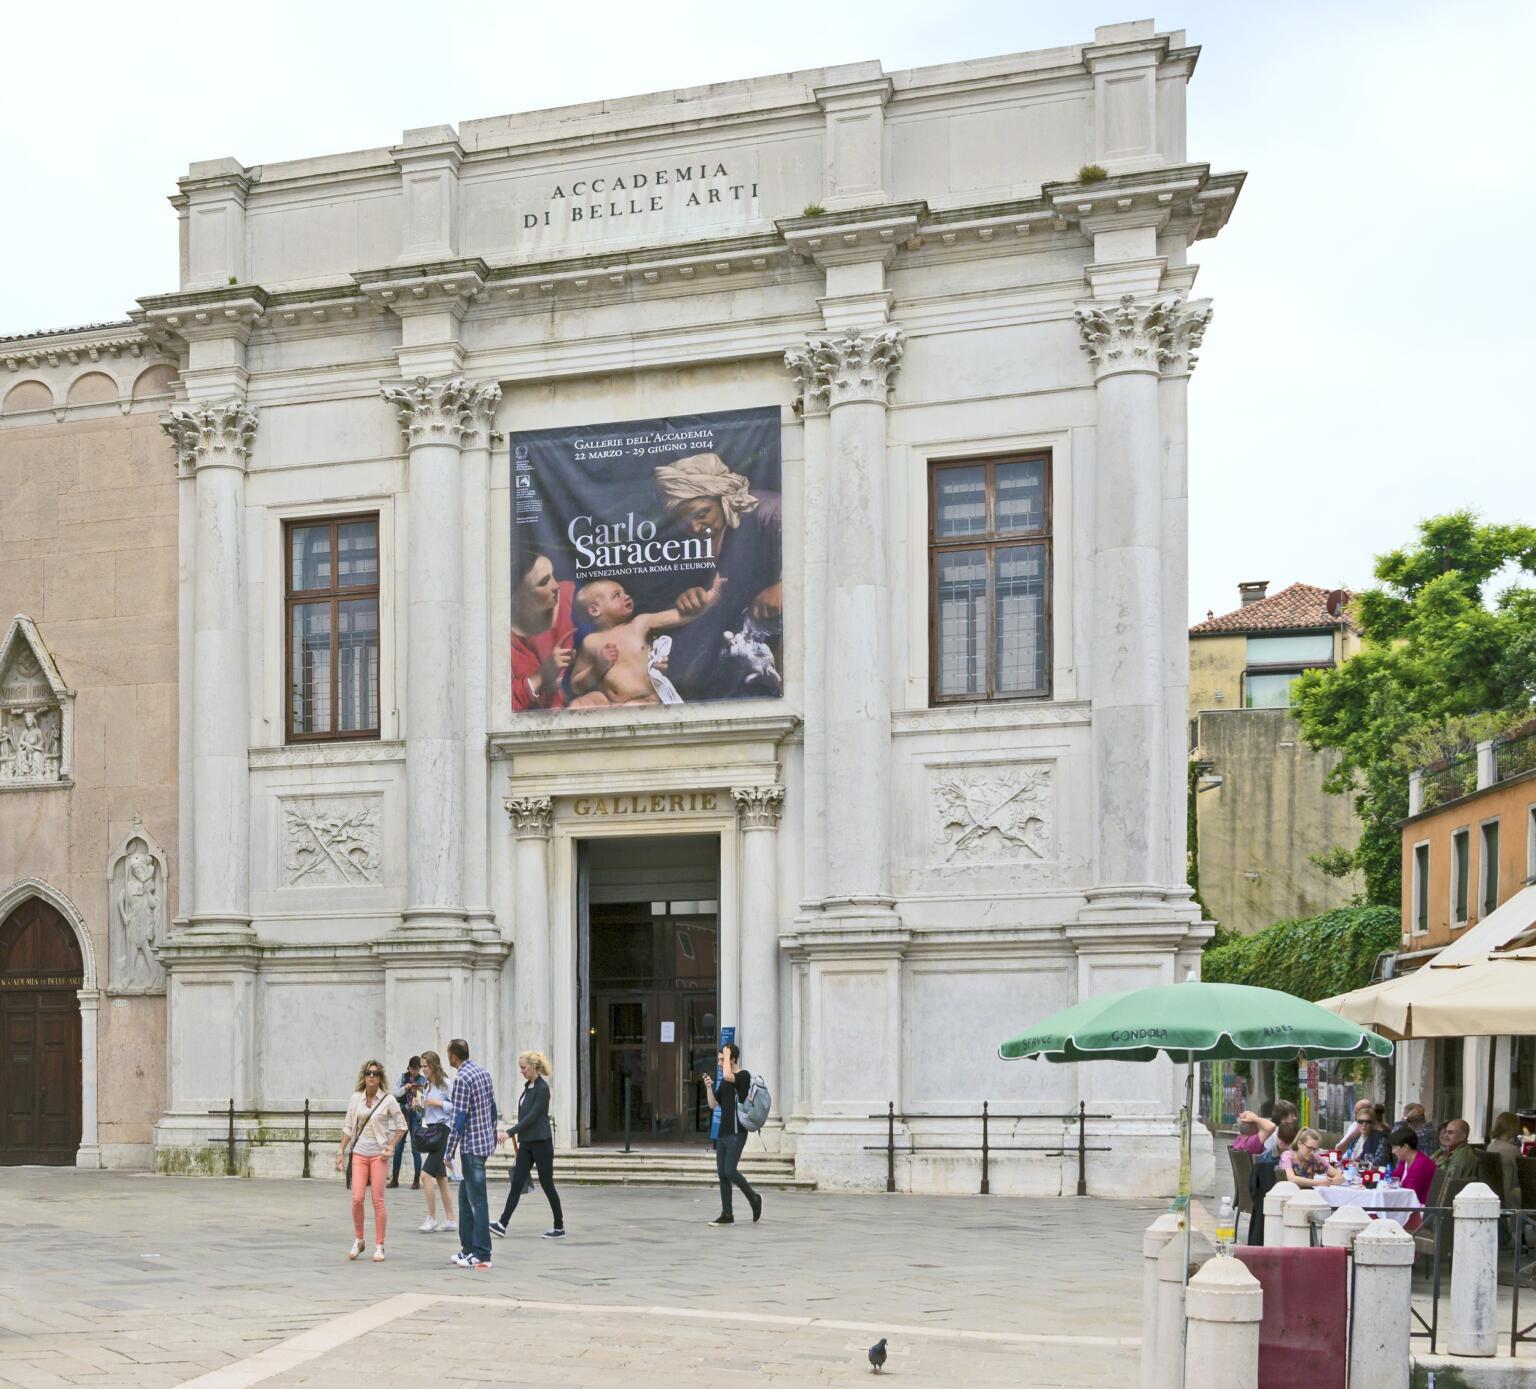 Gallerie dell'Accademia (Fine Arts Museum)